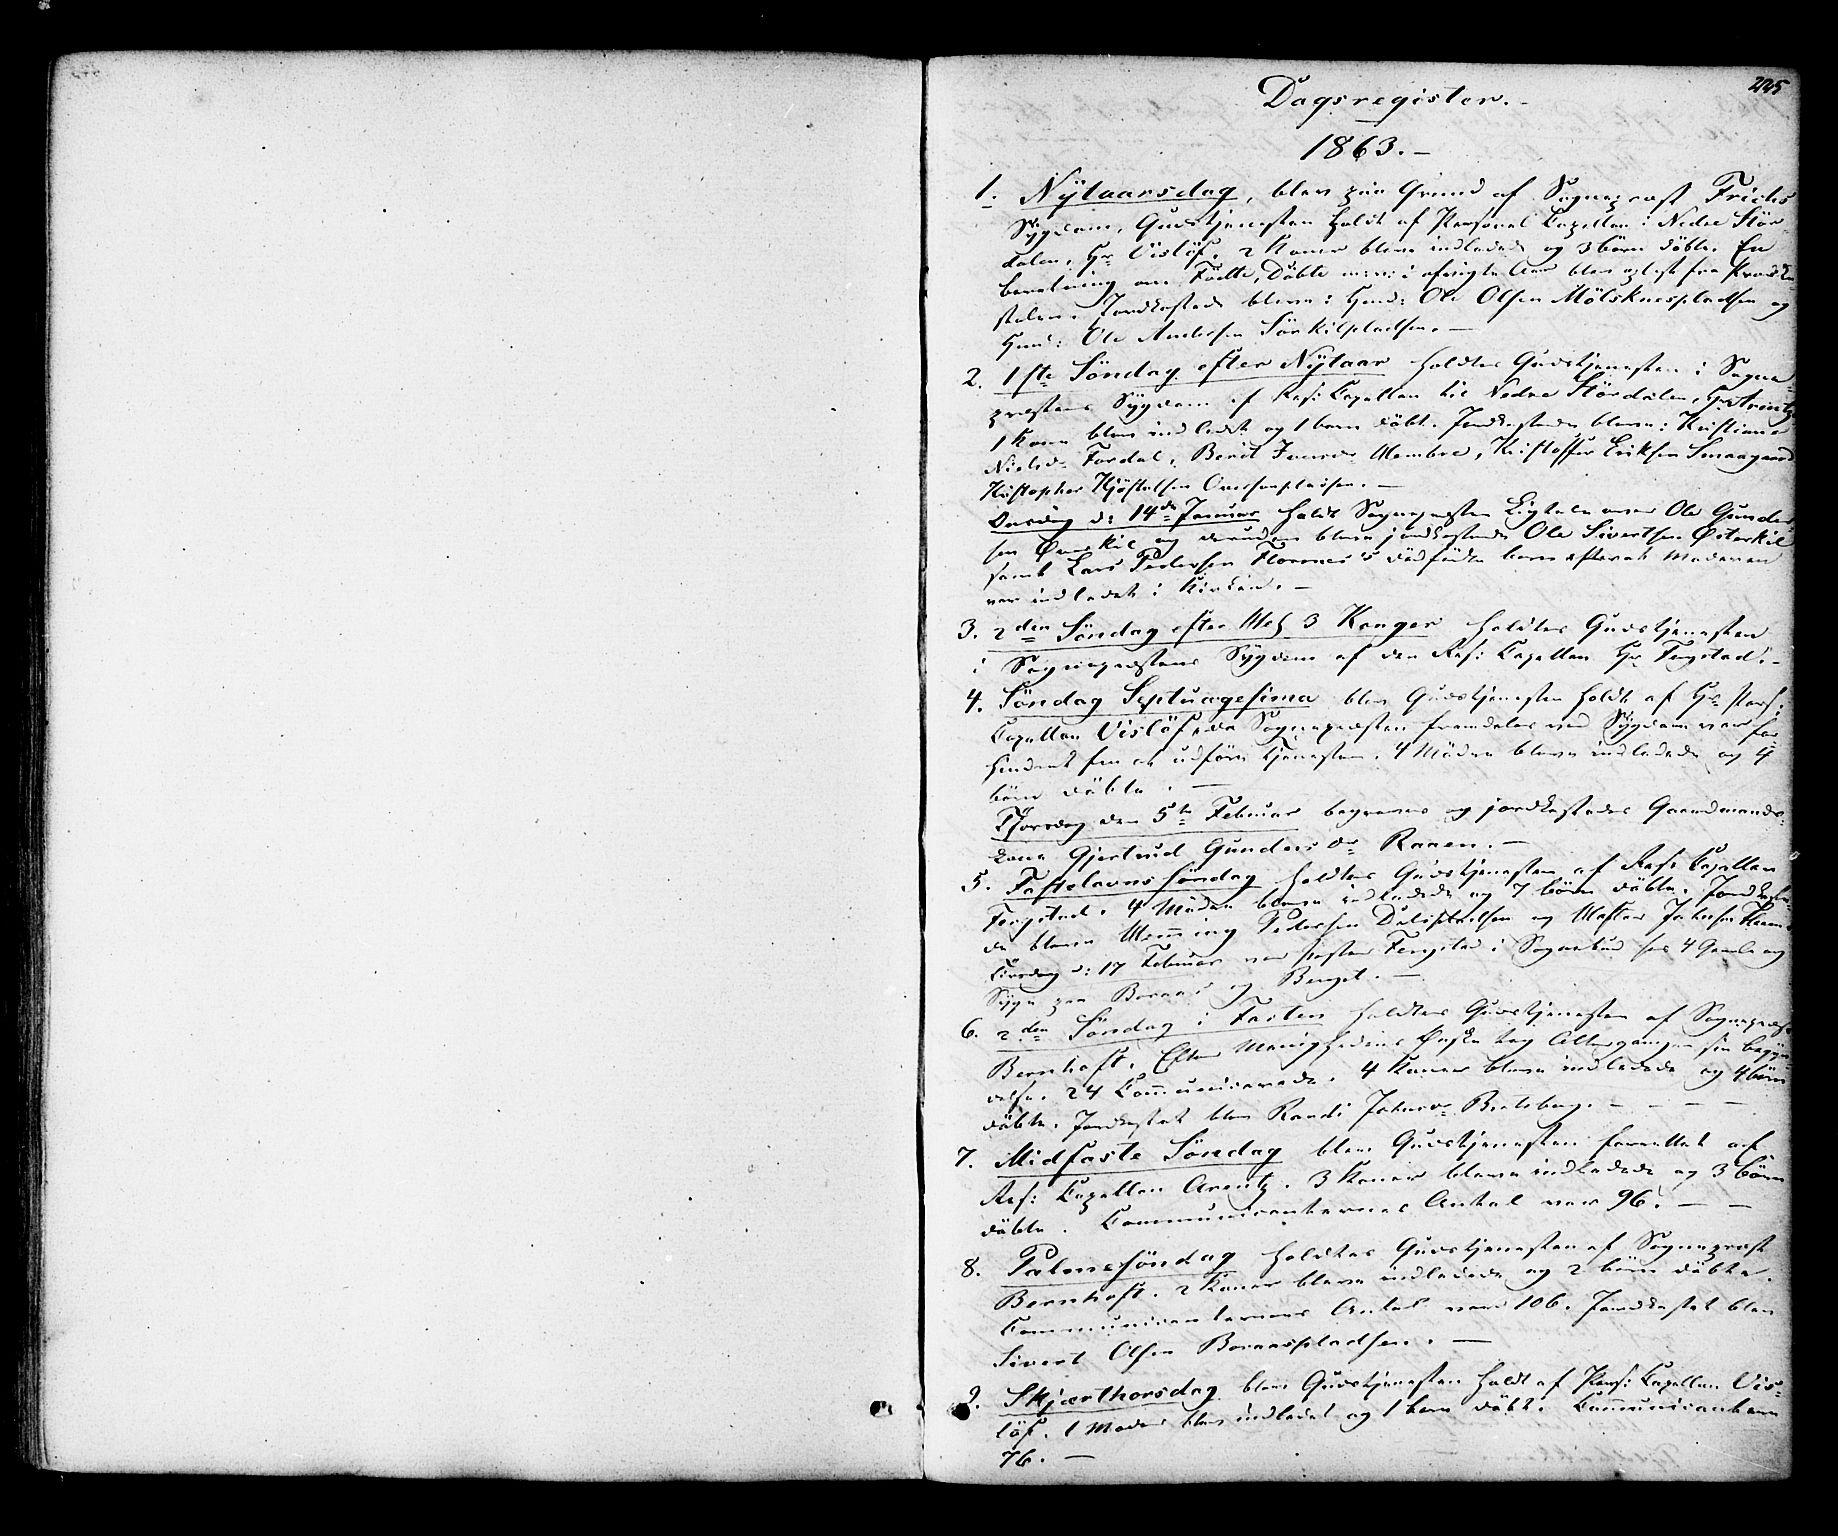 SAT, Ministerialprotokoller, klokkerbøker og fødselsregistre - Nord-Trøndelag, 703/L0029: Ministerialbok nr. 703A02, 1863-1879, s. 225